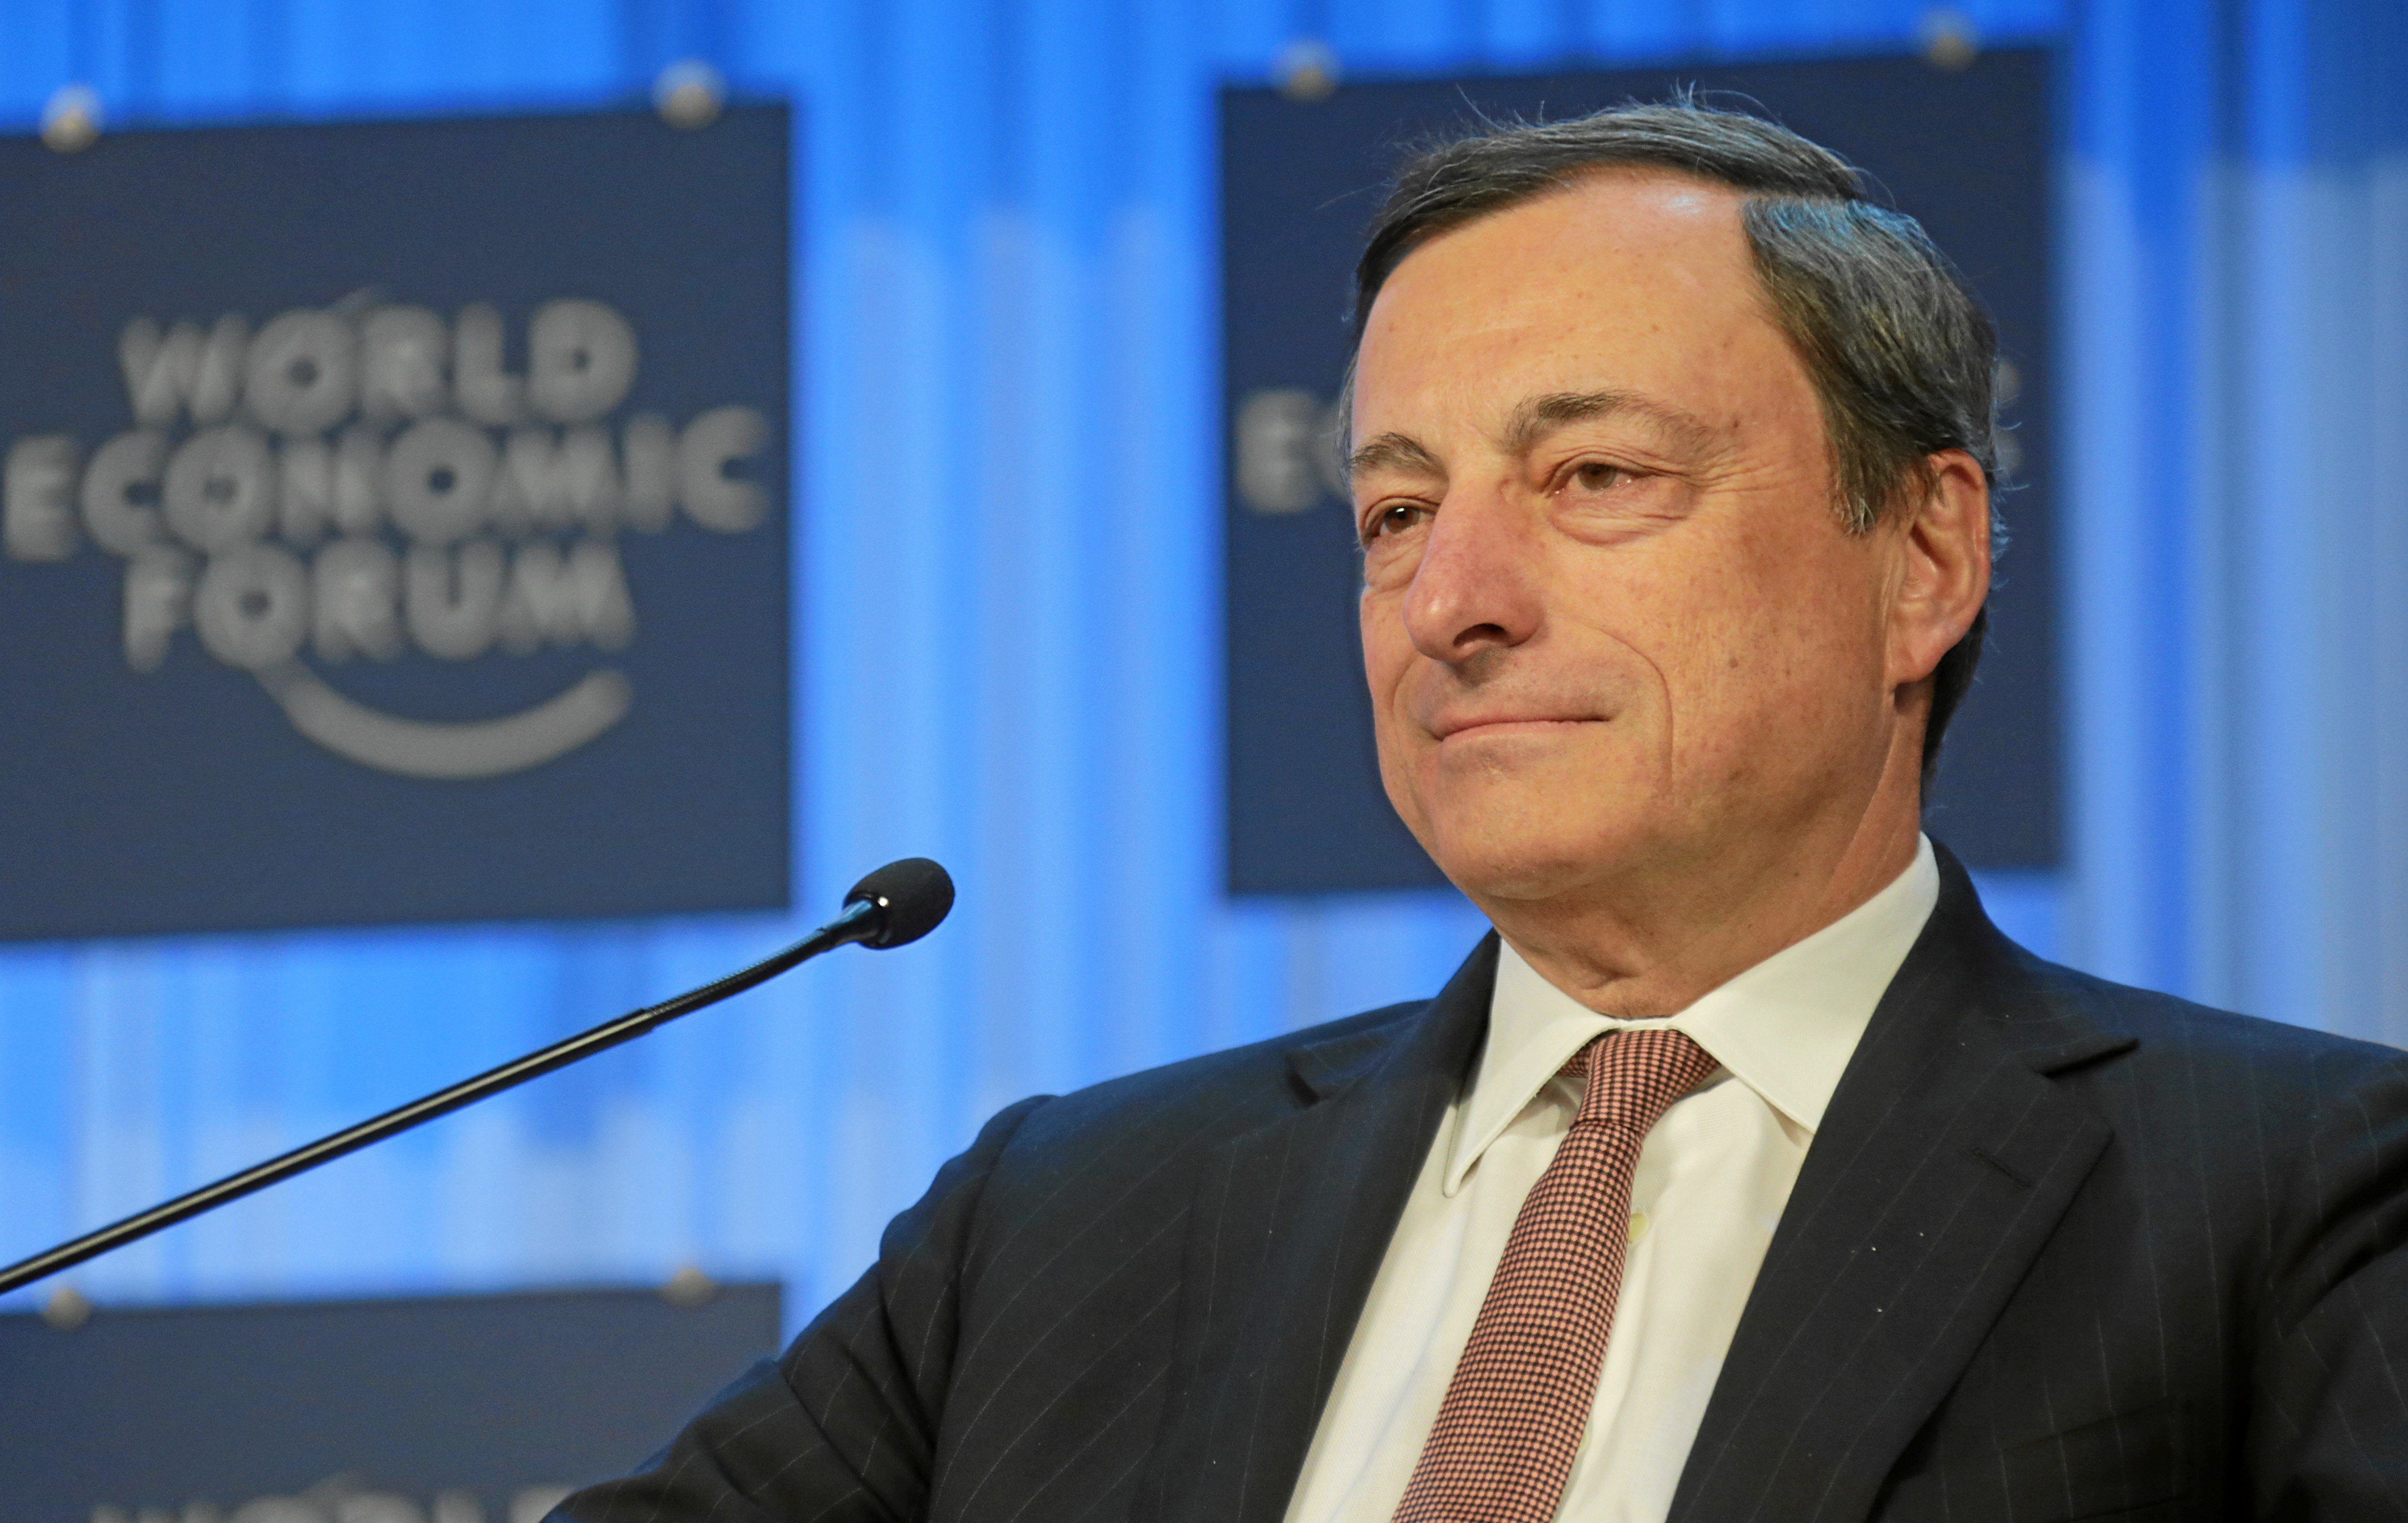 Mario Draghi prevede crescita nell'Eurozona